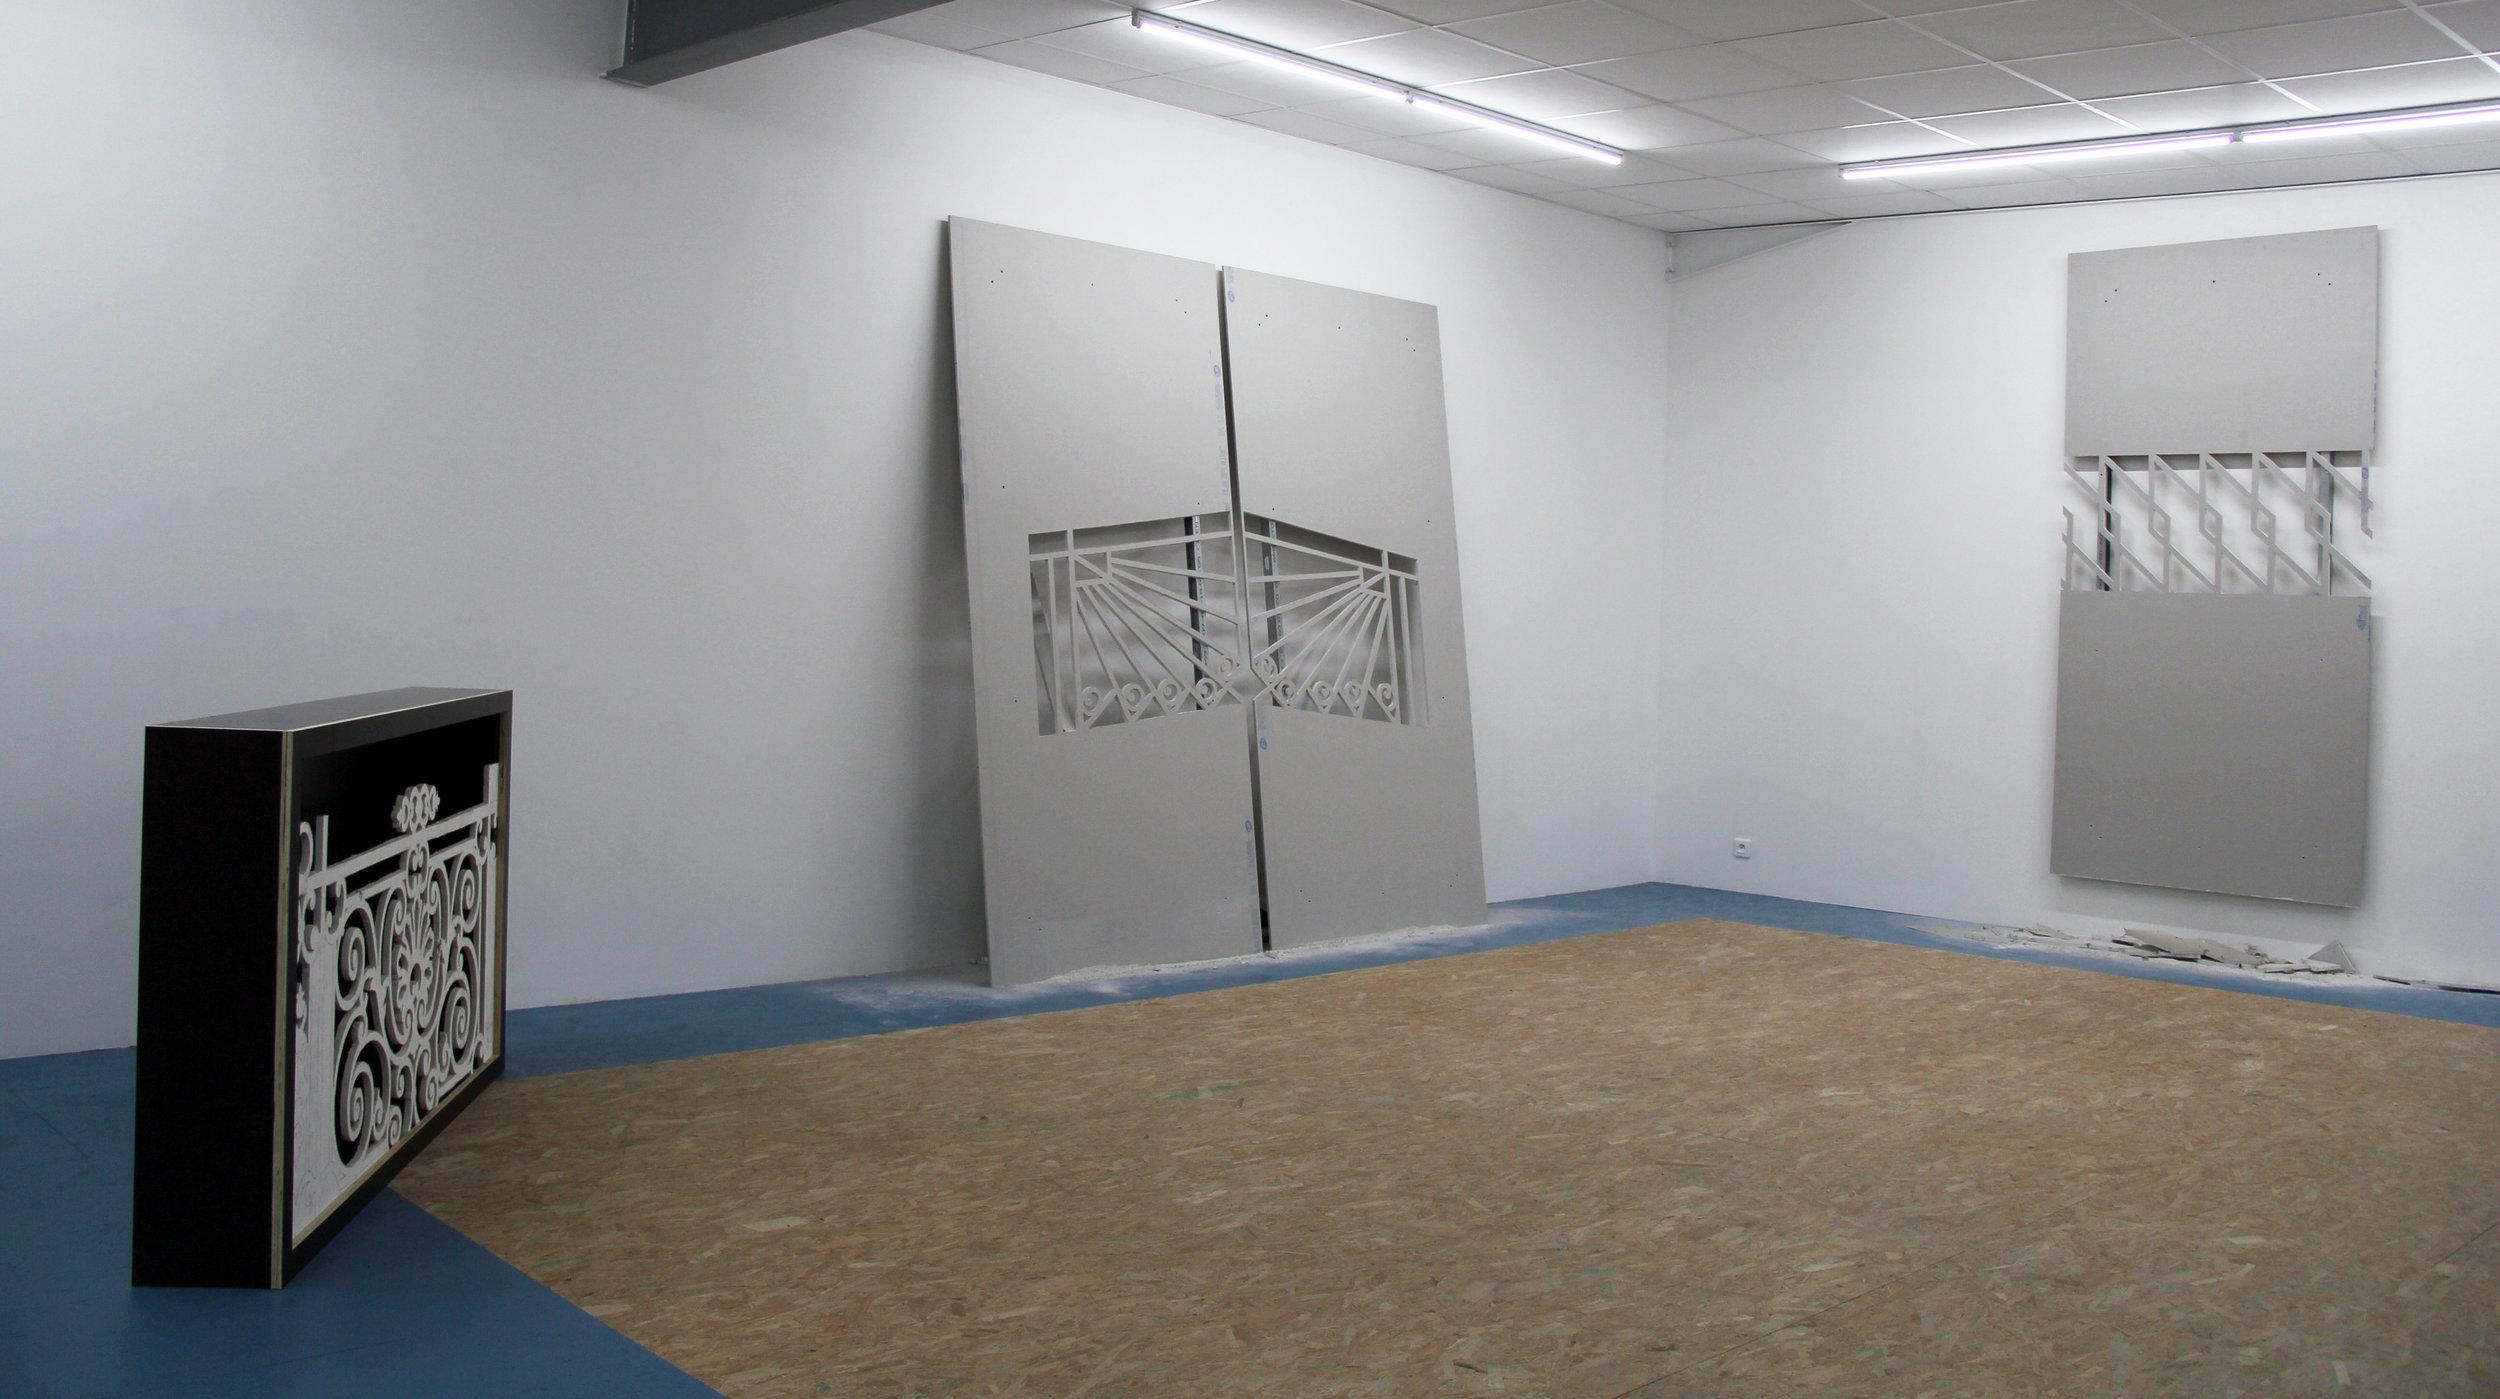 Exhibition view : Le syndrome du précipice , Hugues Loinard, Galerie Marchepied, 2018